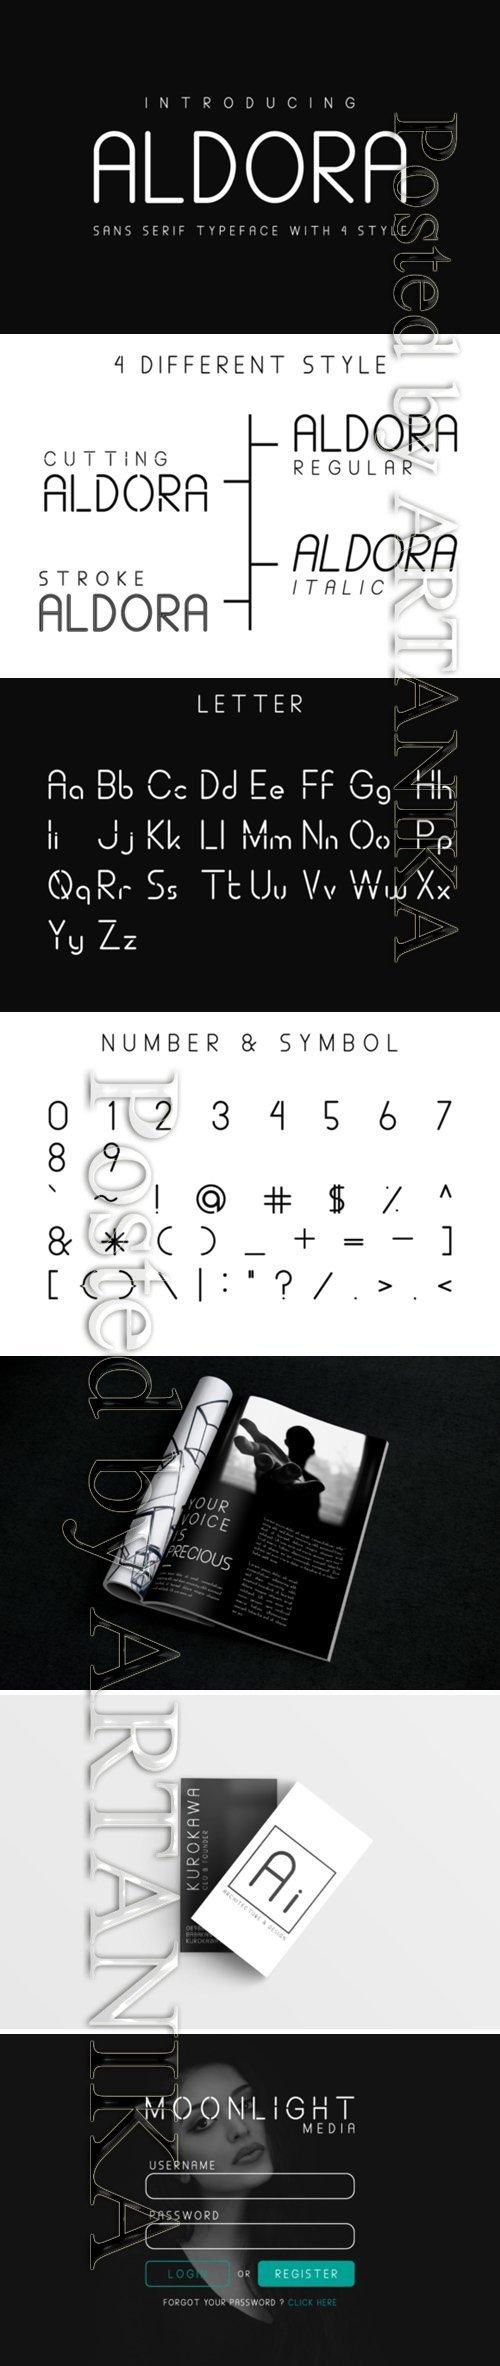 Aldora Sans Serif Typeface Font